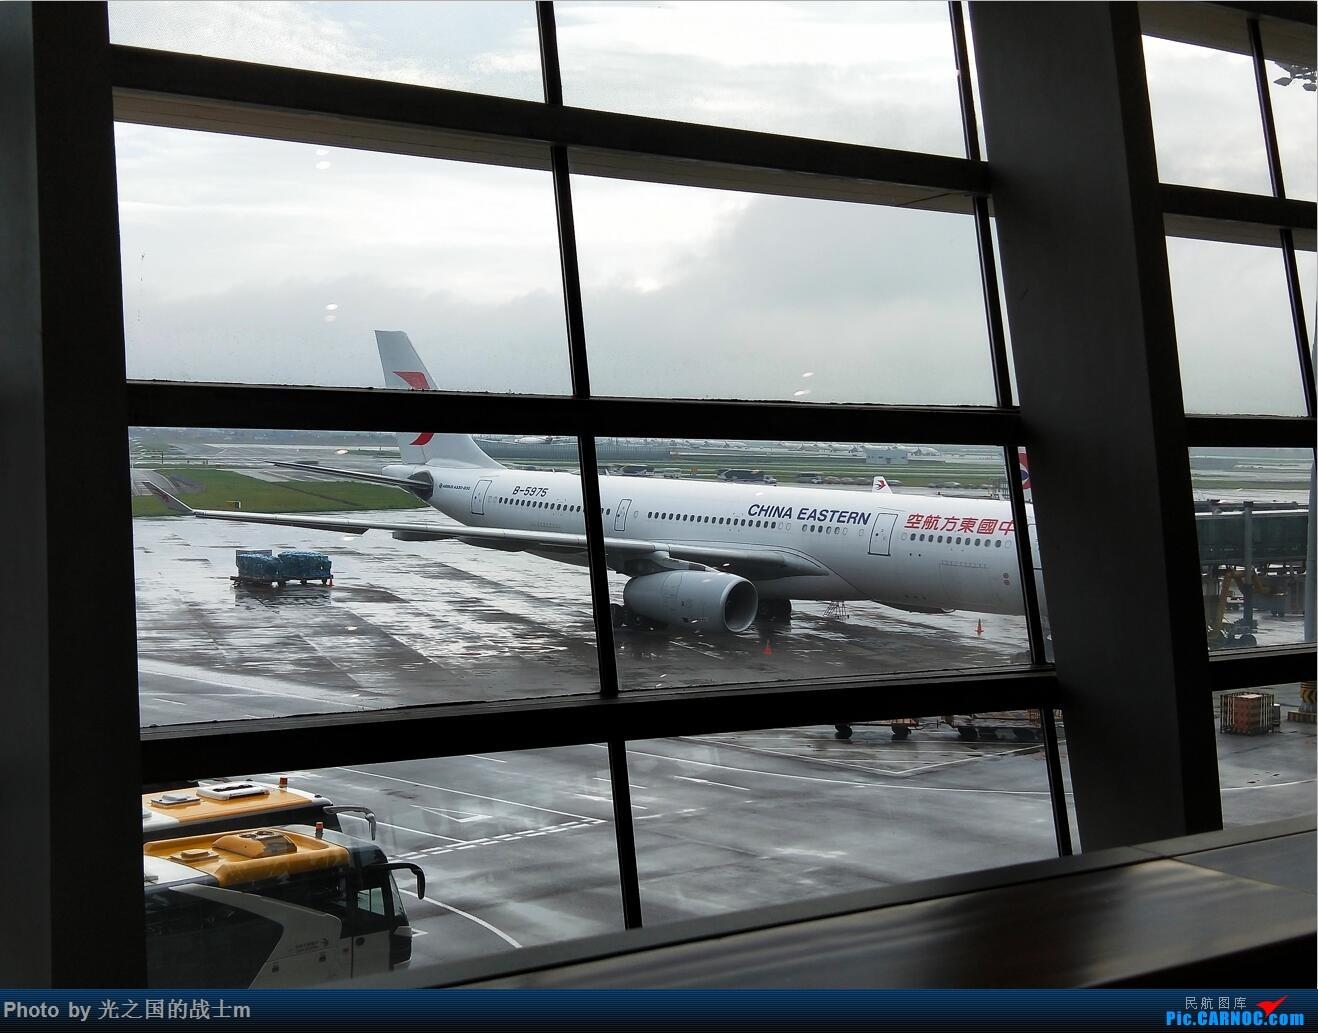 Re:【光之国m游记】再次抵沪,MU天合联盟号A330-243E评测